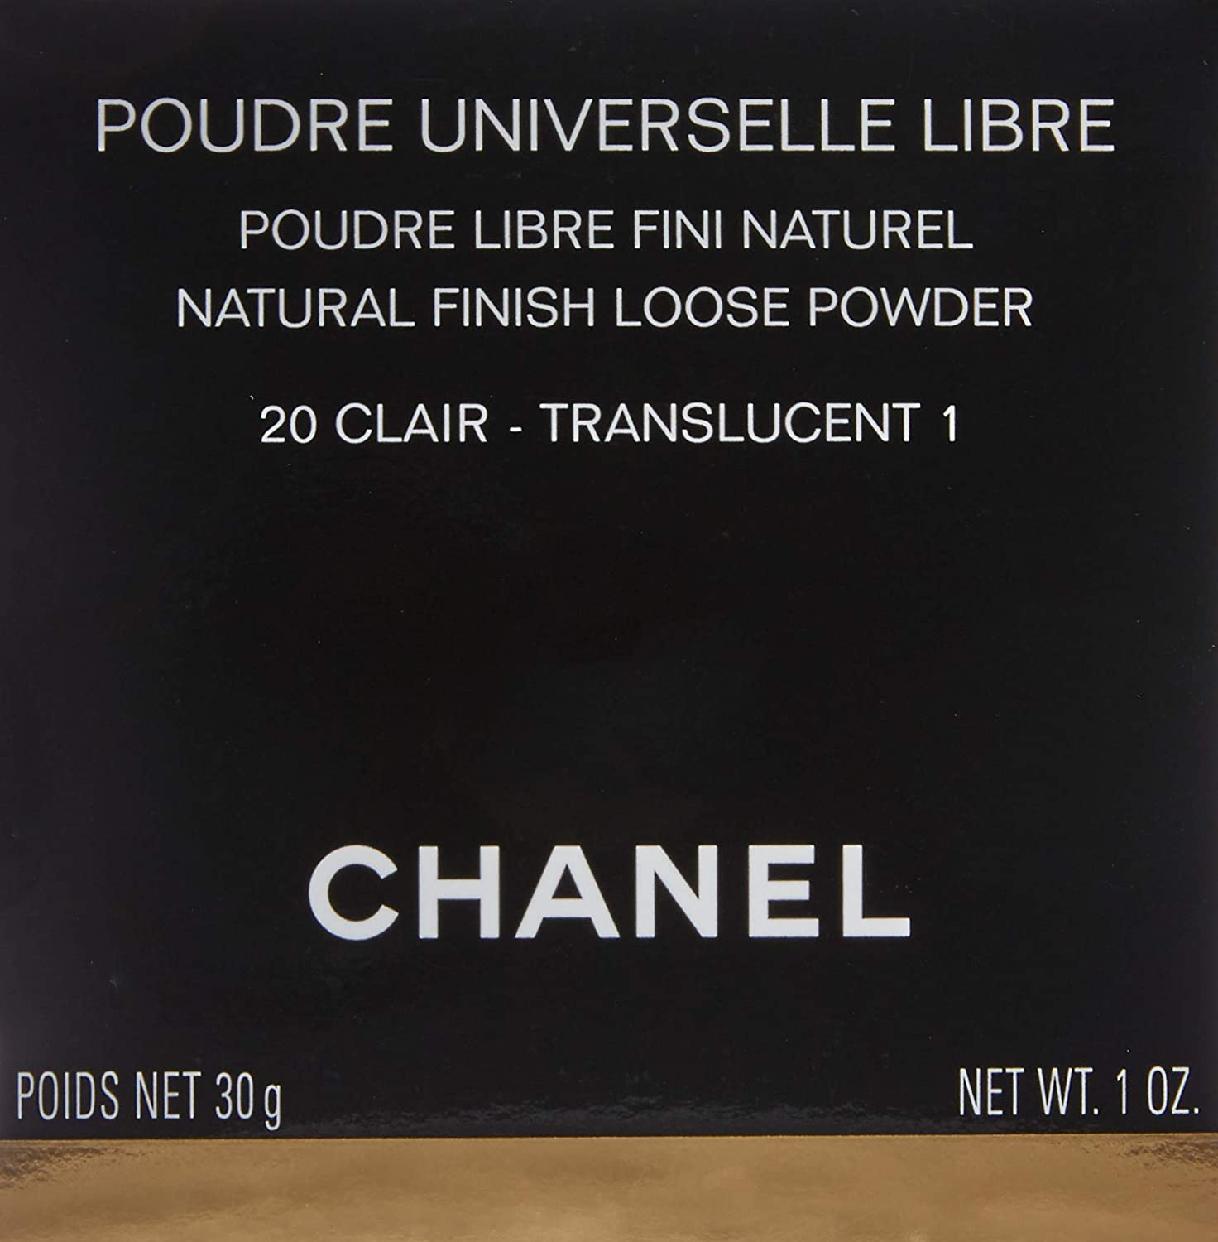 CHANEL(シャネル)プードゥル ユニヴェルセル リーブル Nの商品画像2